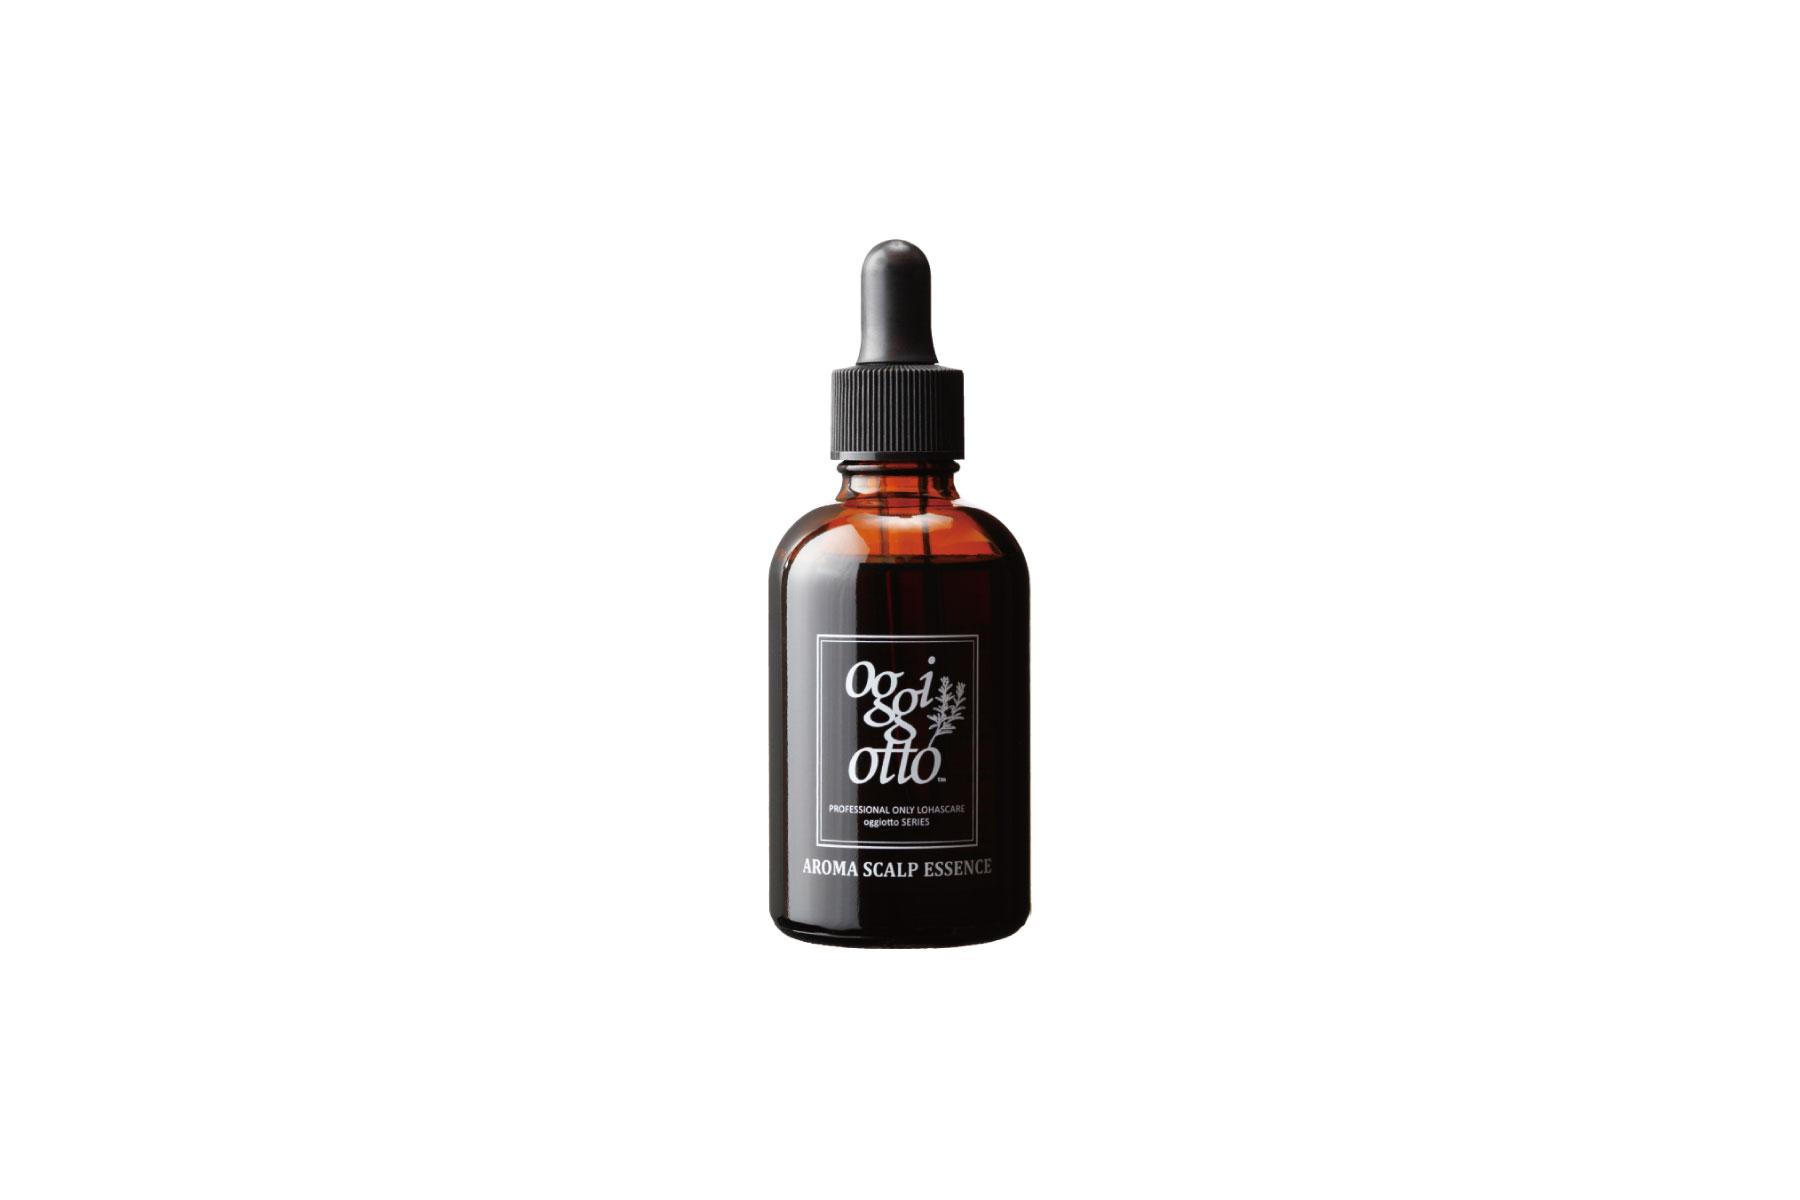 オッジーオット (oggi otto) aroma scalp essence